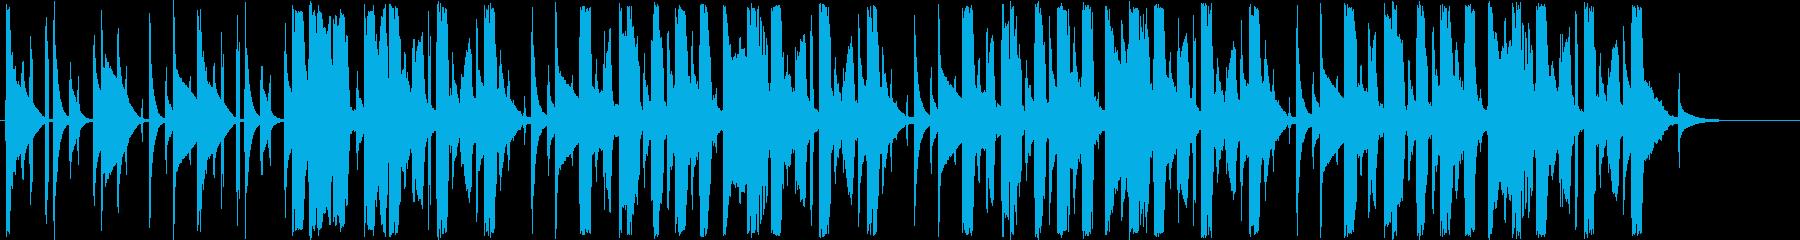 ポップでゆっくりしたシンセサイザーの曲の再生済みの波形